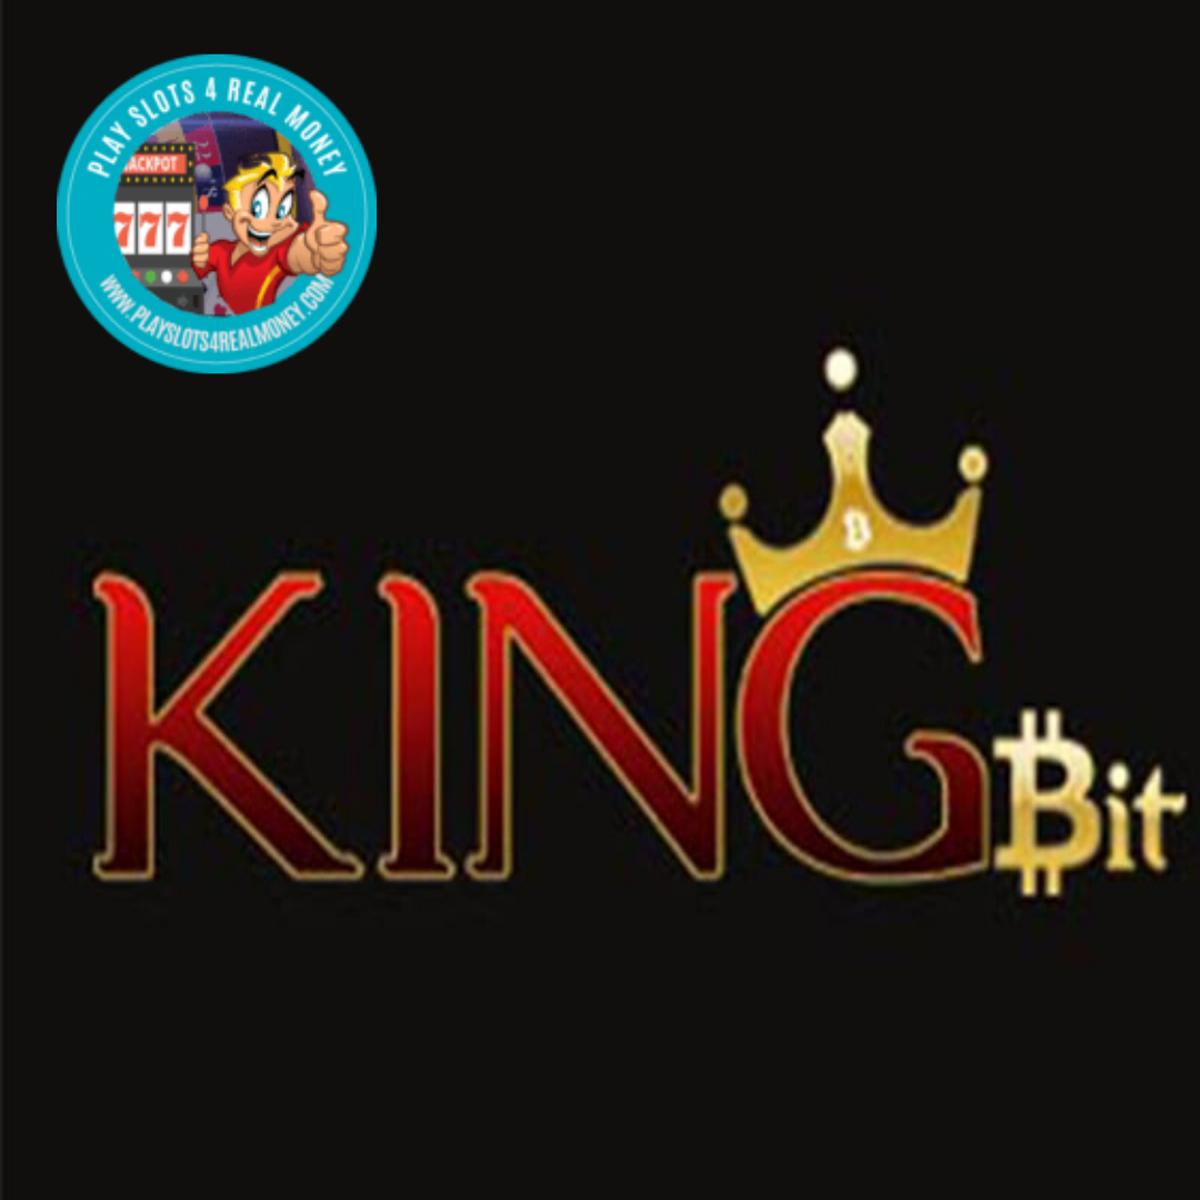 No Deposit King Bit Casino Bonus Codes 2020 In 2020 Casino Bonus